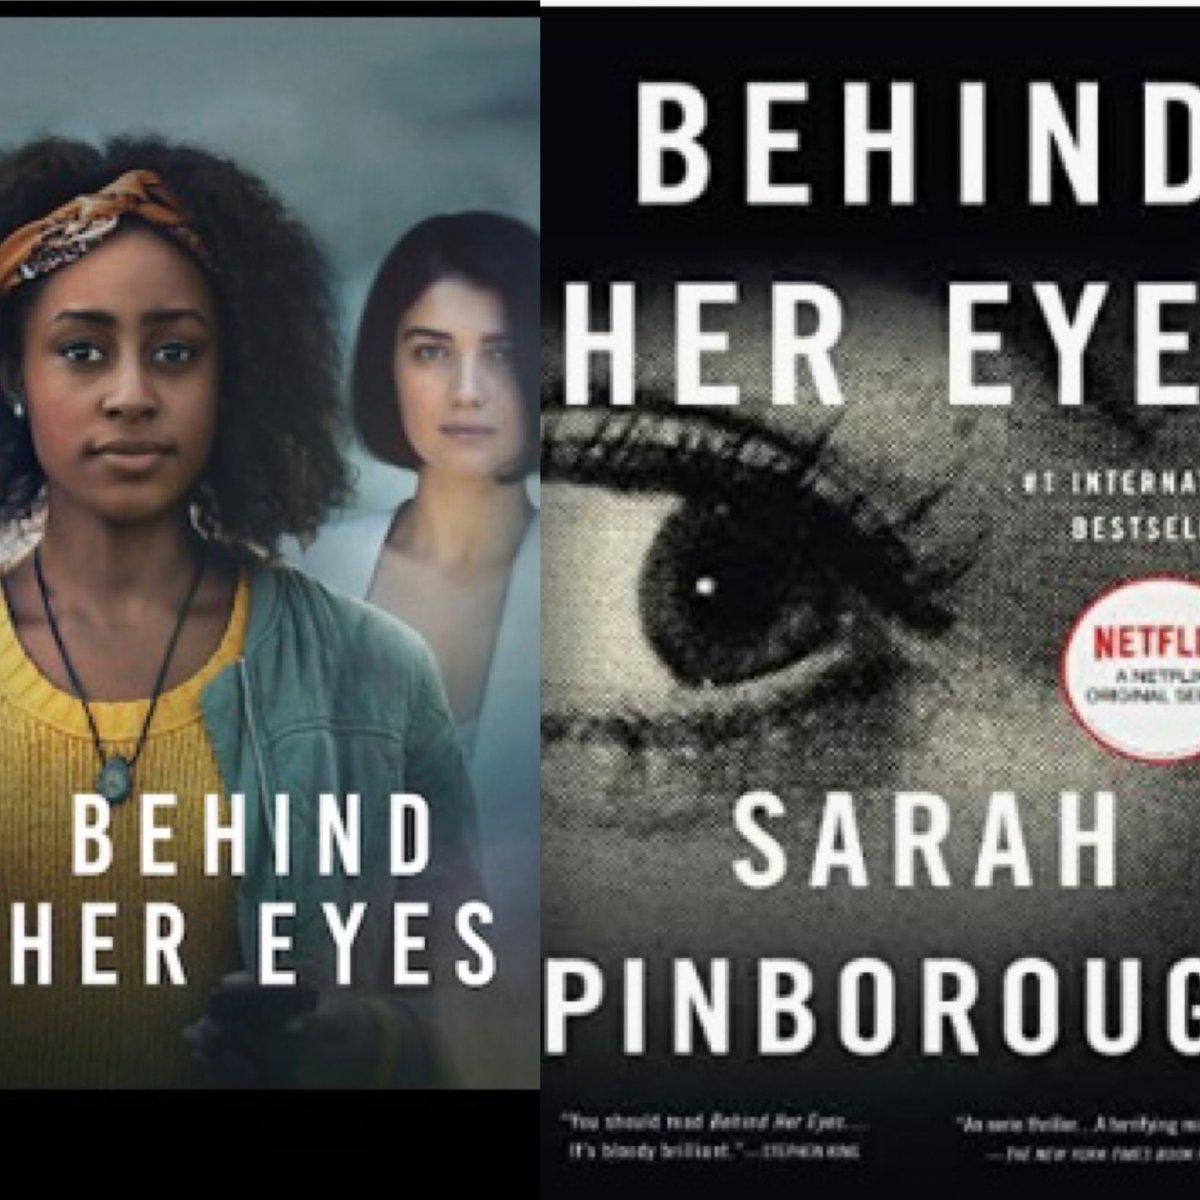 #booktoseries @netflix @SarahPinborough BEHIND HER EYES #mysteries #plottwist